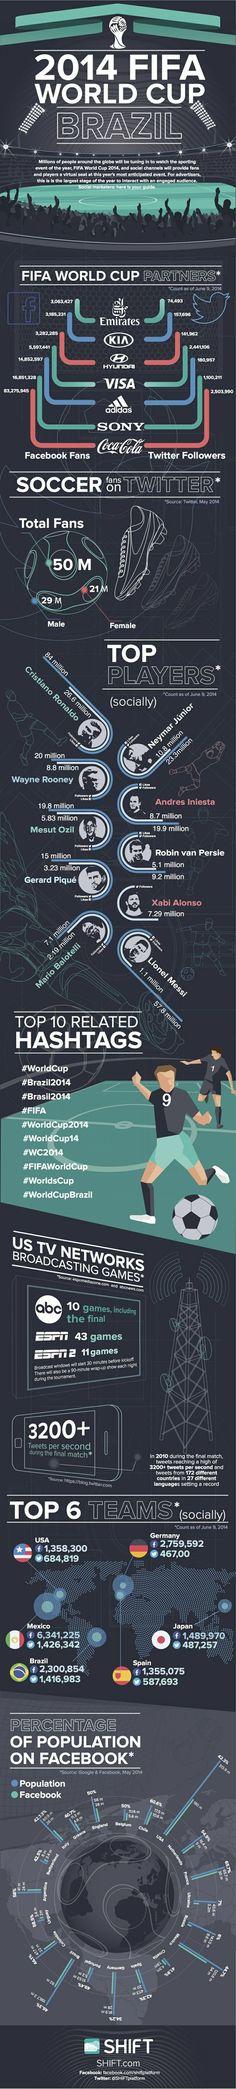 Las redes sociales en el #Mundial2014   #WorldCup #Brasil2014